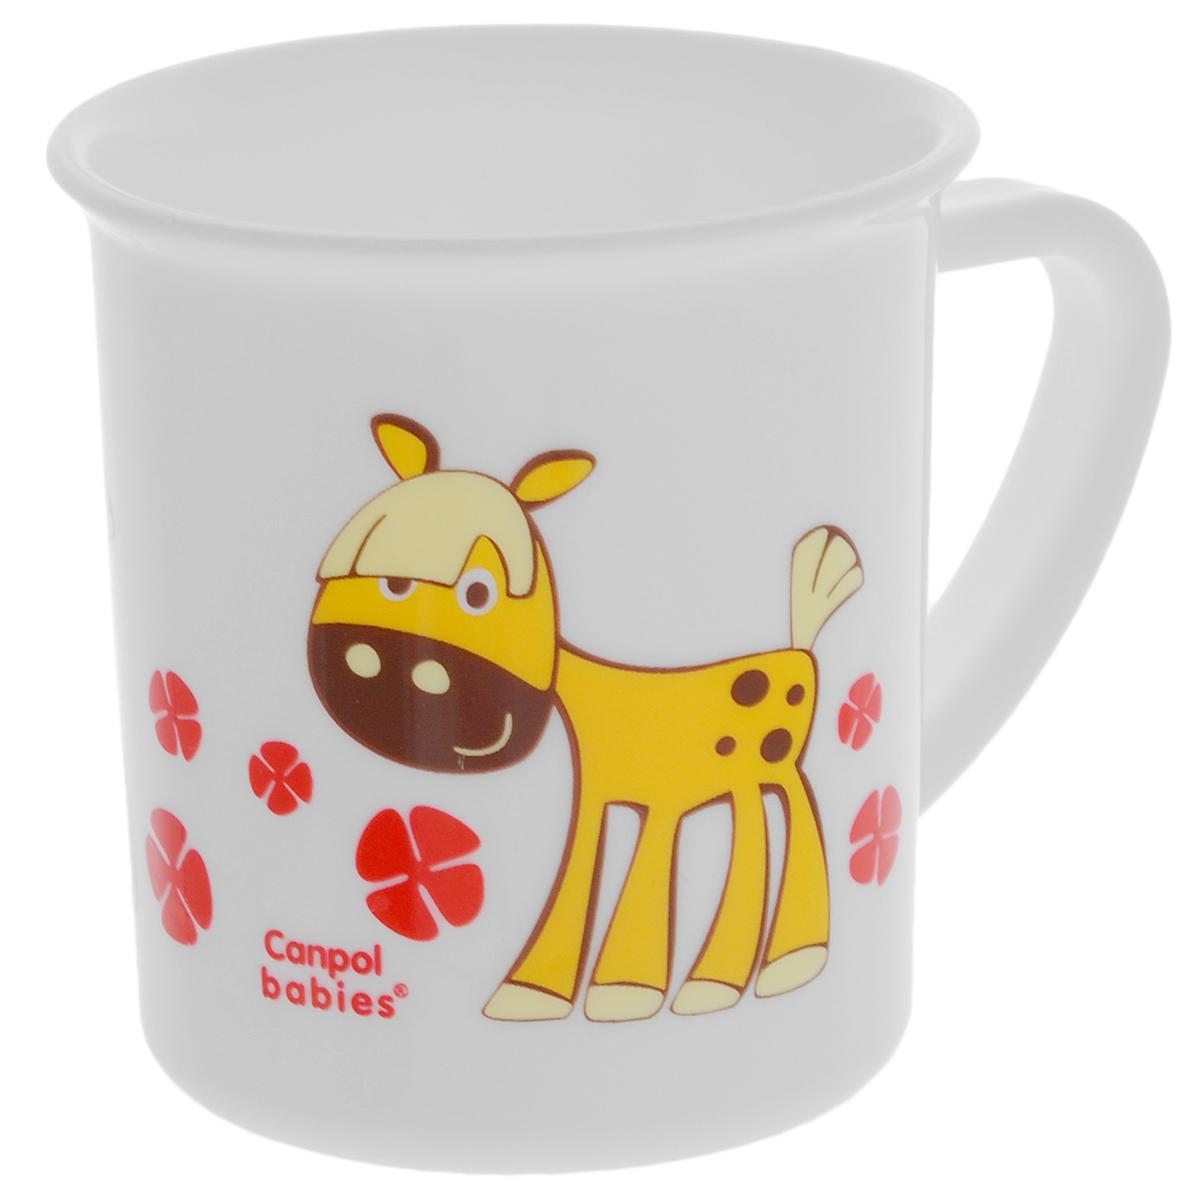 Canpol Babies Чашка детская Лошадка цвет желтый4/413_желтый/лошадкаДетская чашка Canpol Babies предназначена для того, чтобы приучить малыша пить из посуды для взрослых. Чашка выполнена из безопасного полипропилена и оформлена изображением забавной лошадки.Чашка выглядит совсем как обычная, однако она меньше по объему. Если случайно малыш уронит чашку, то она не разобьется.